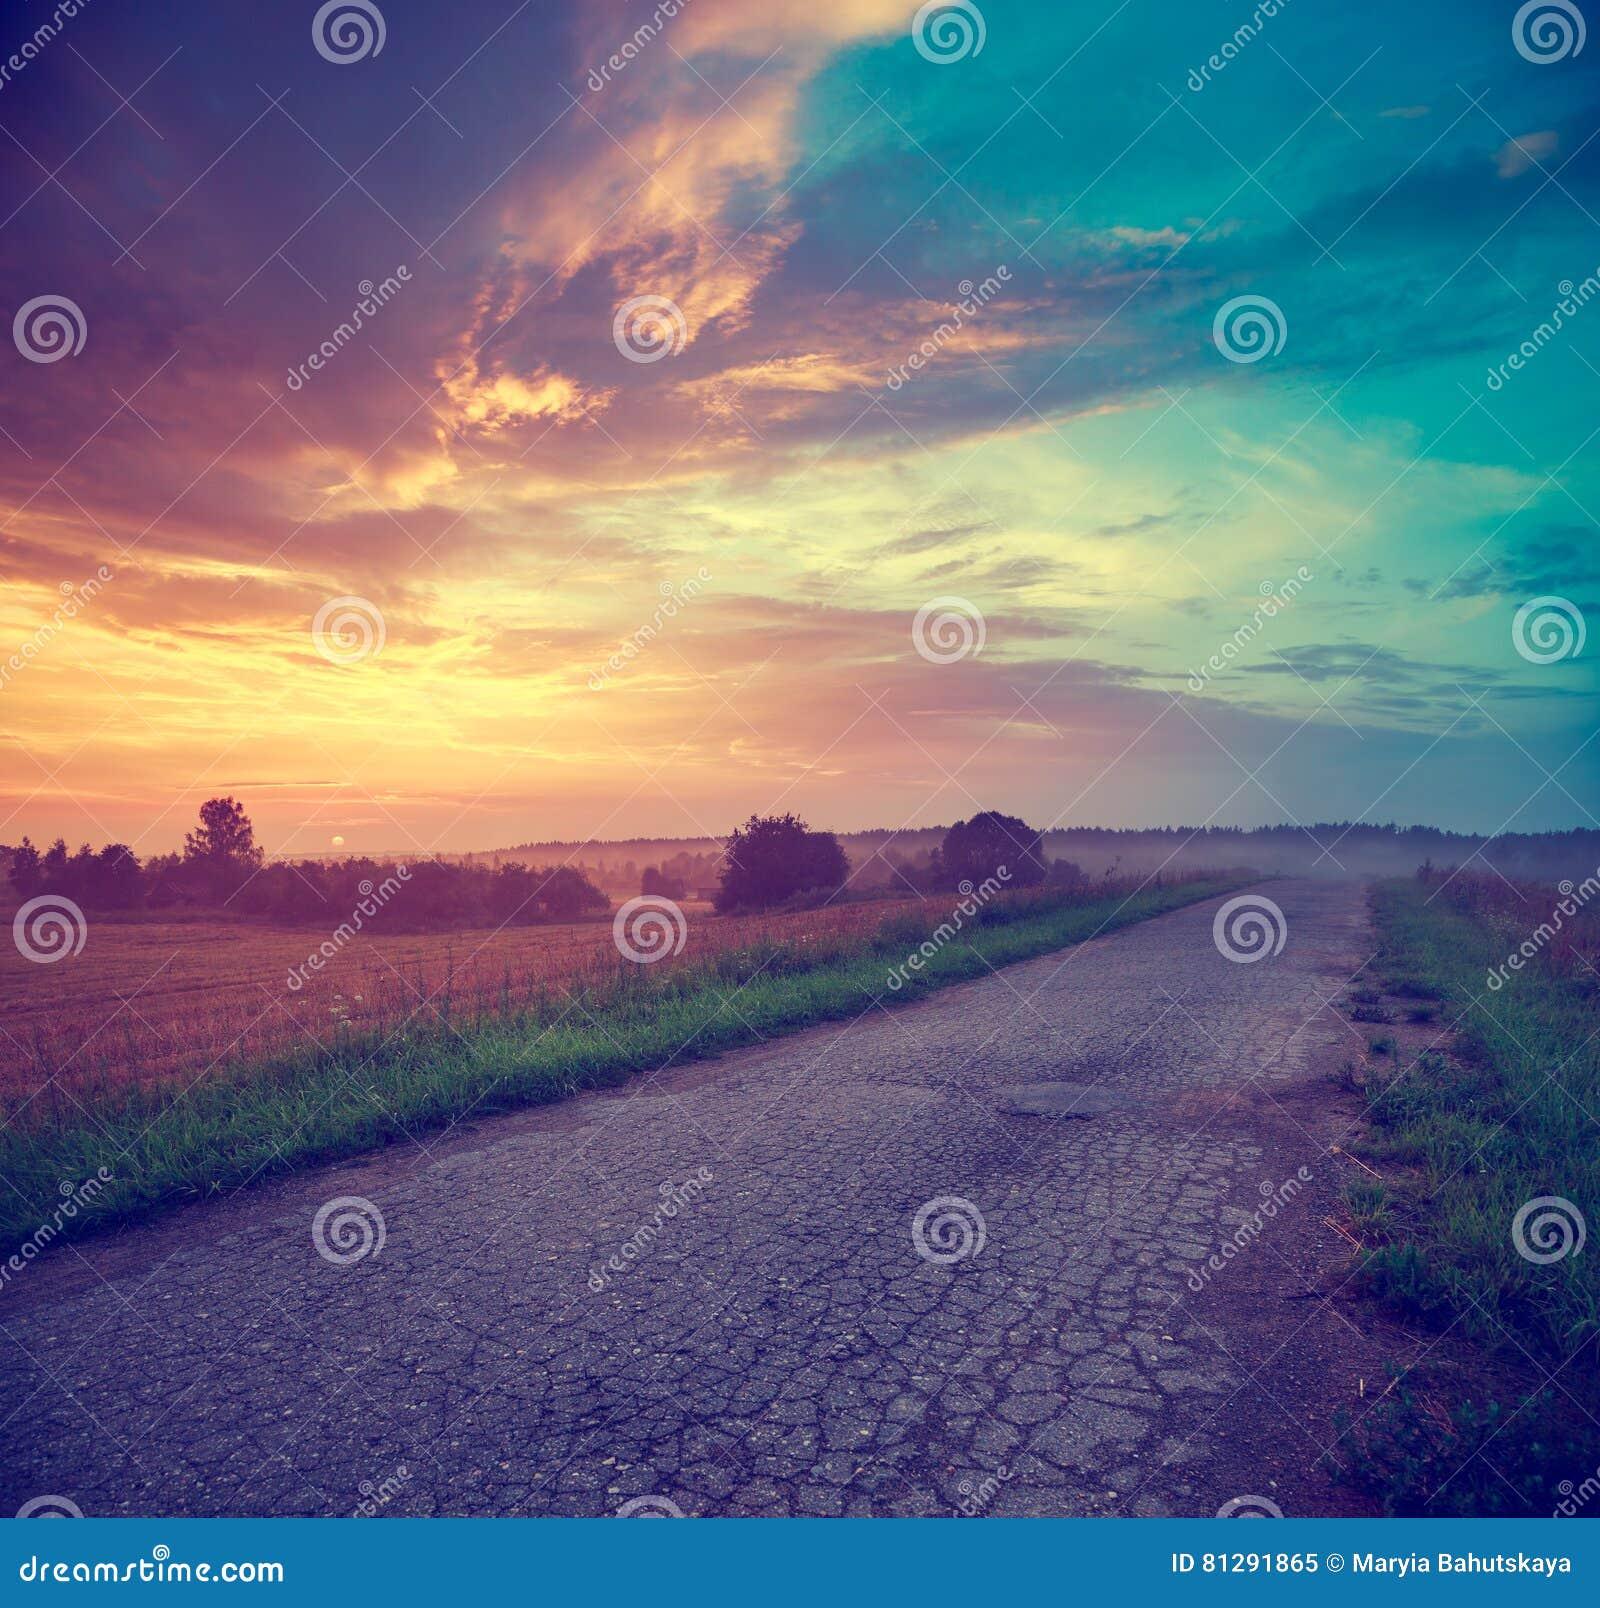 Paisagem com campo e estrada secundária no por do sol